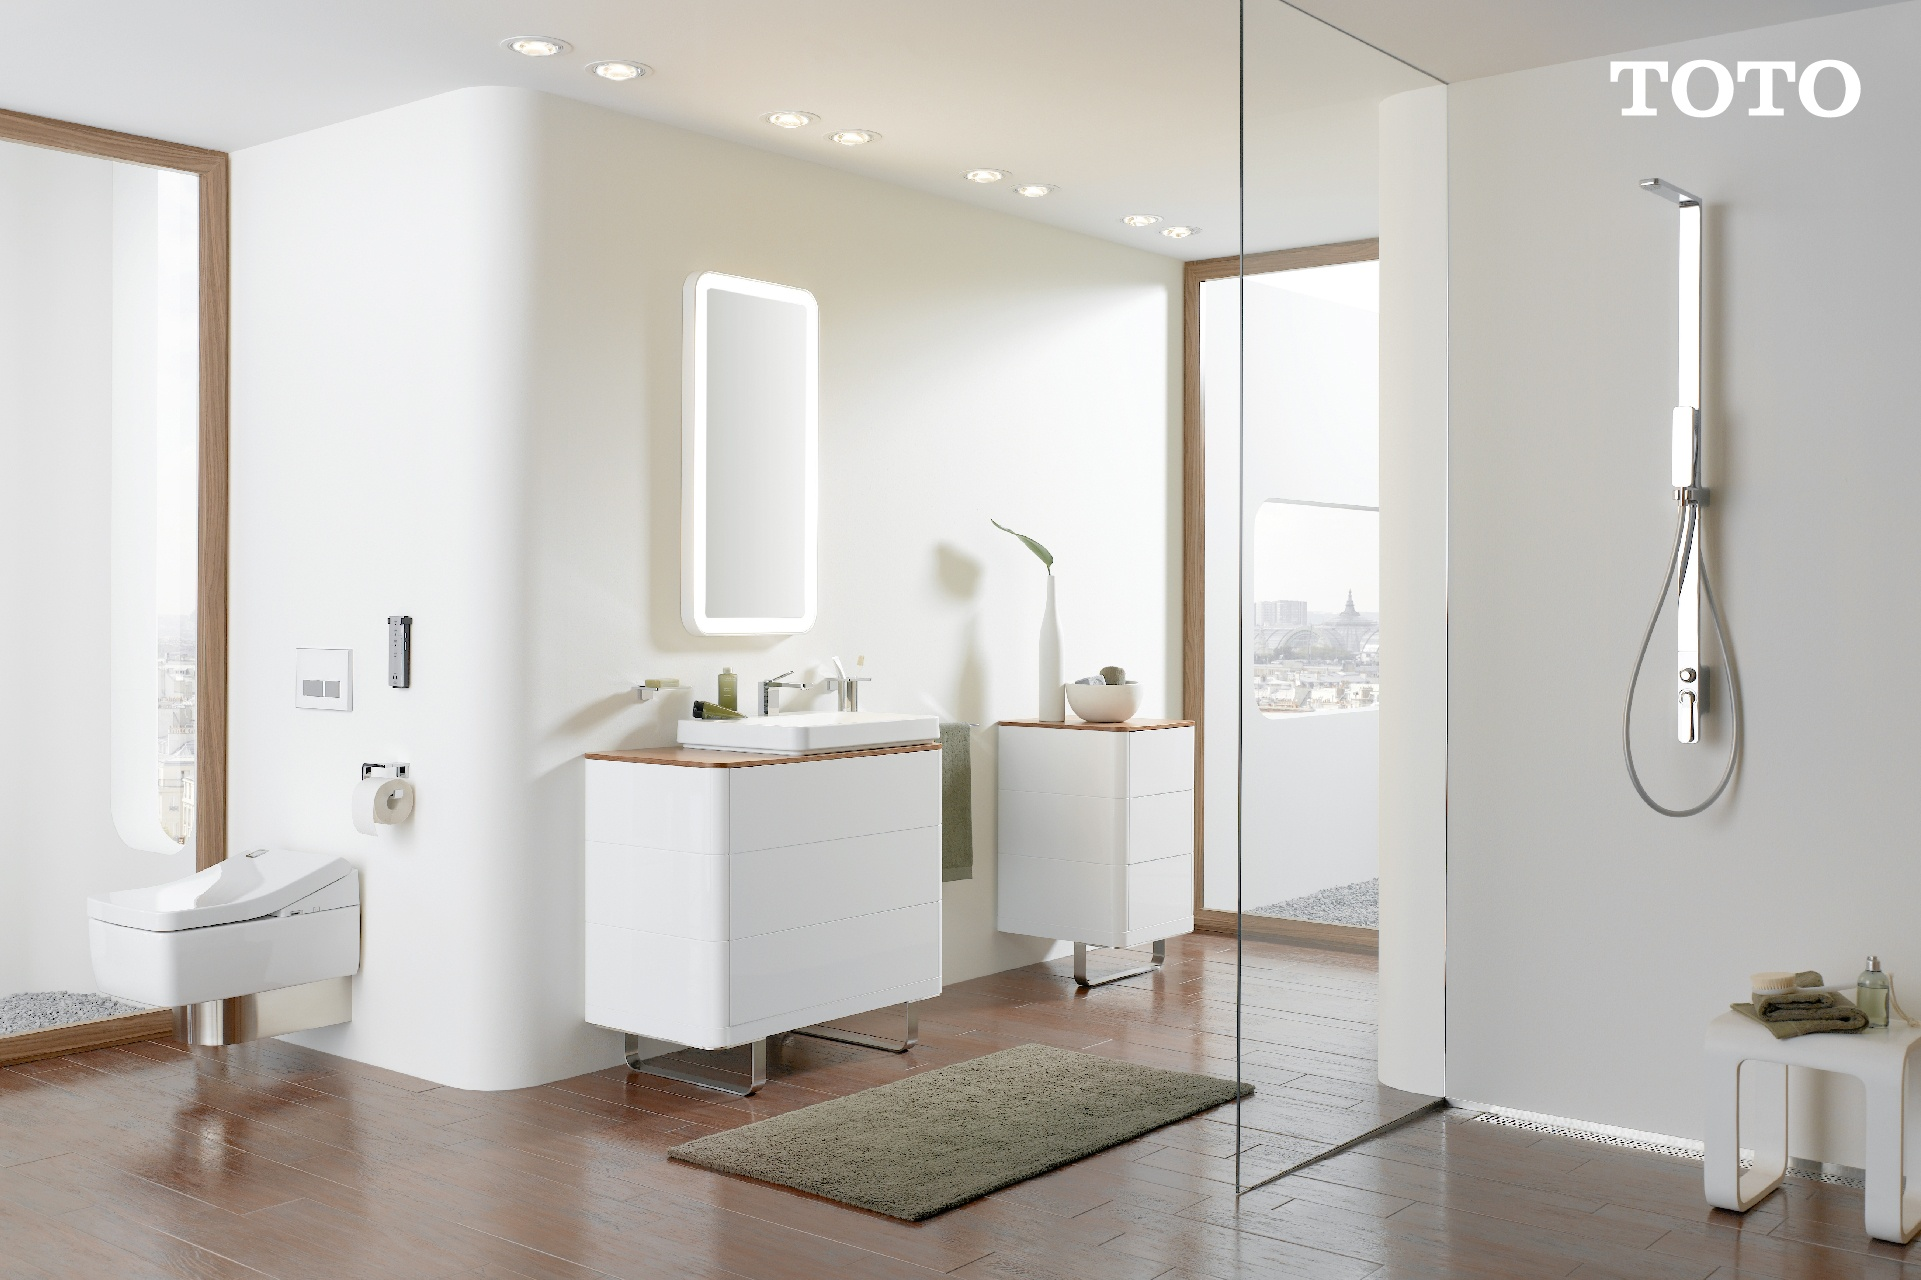 เน้นการตกแต่งห้องน้ำด้วยโทนสว่าง